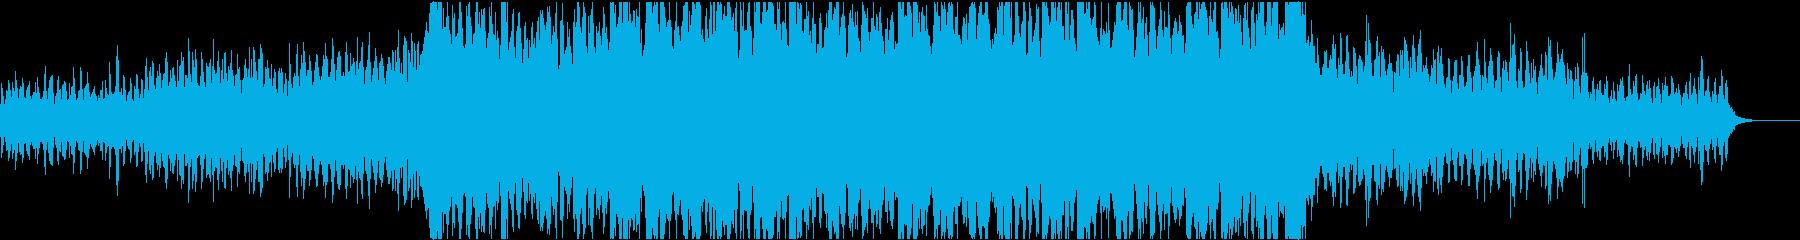 段々迫力が増していく映画音楽系ループの再生済みの波形